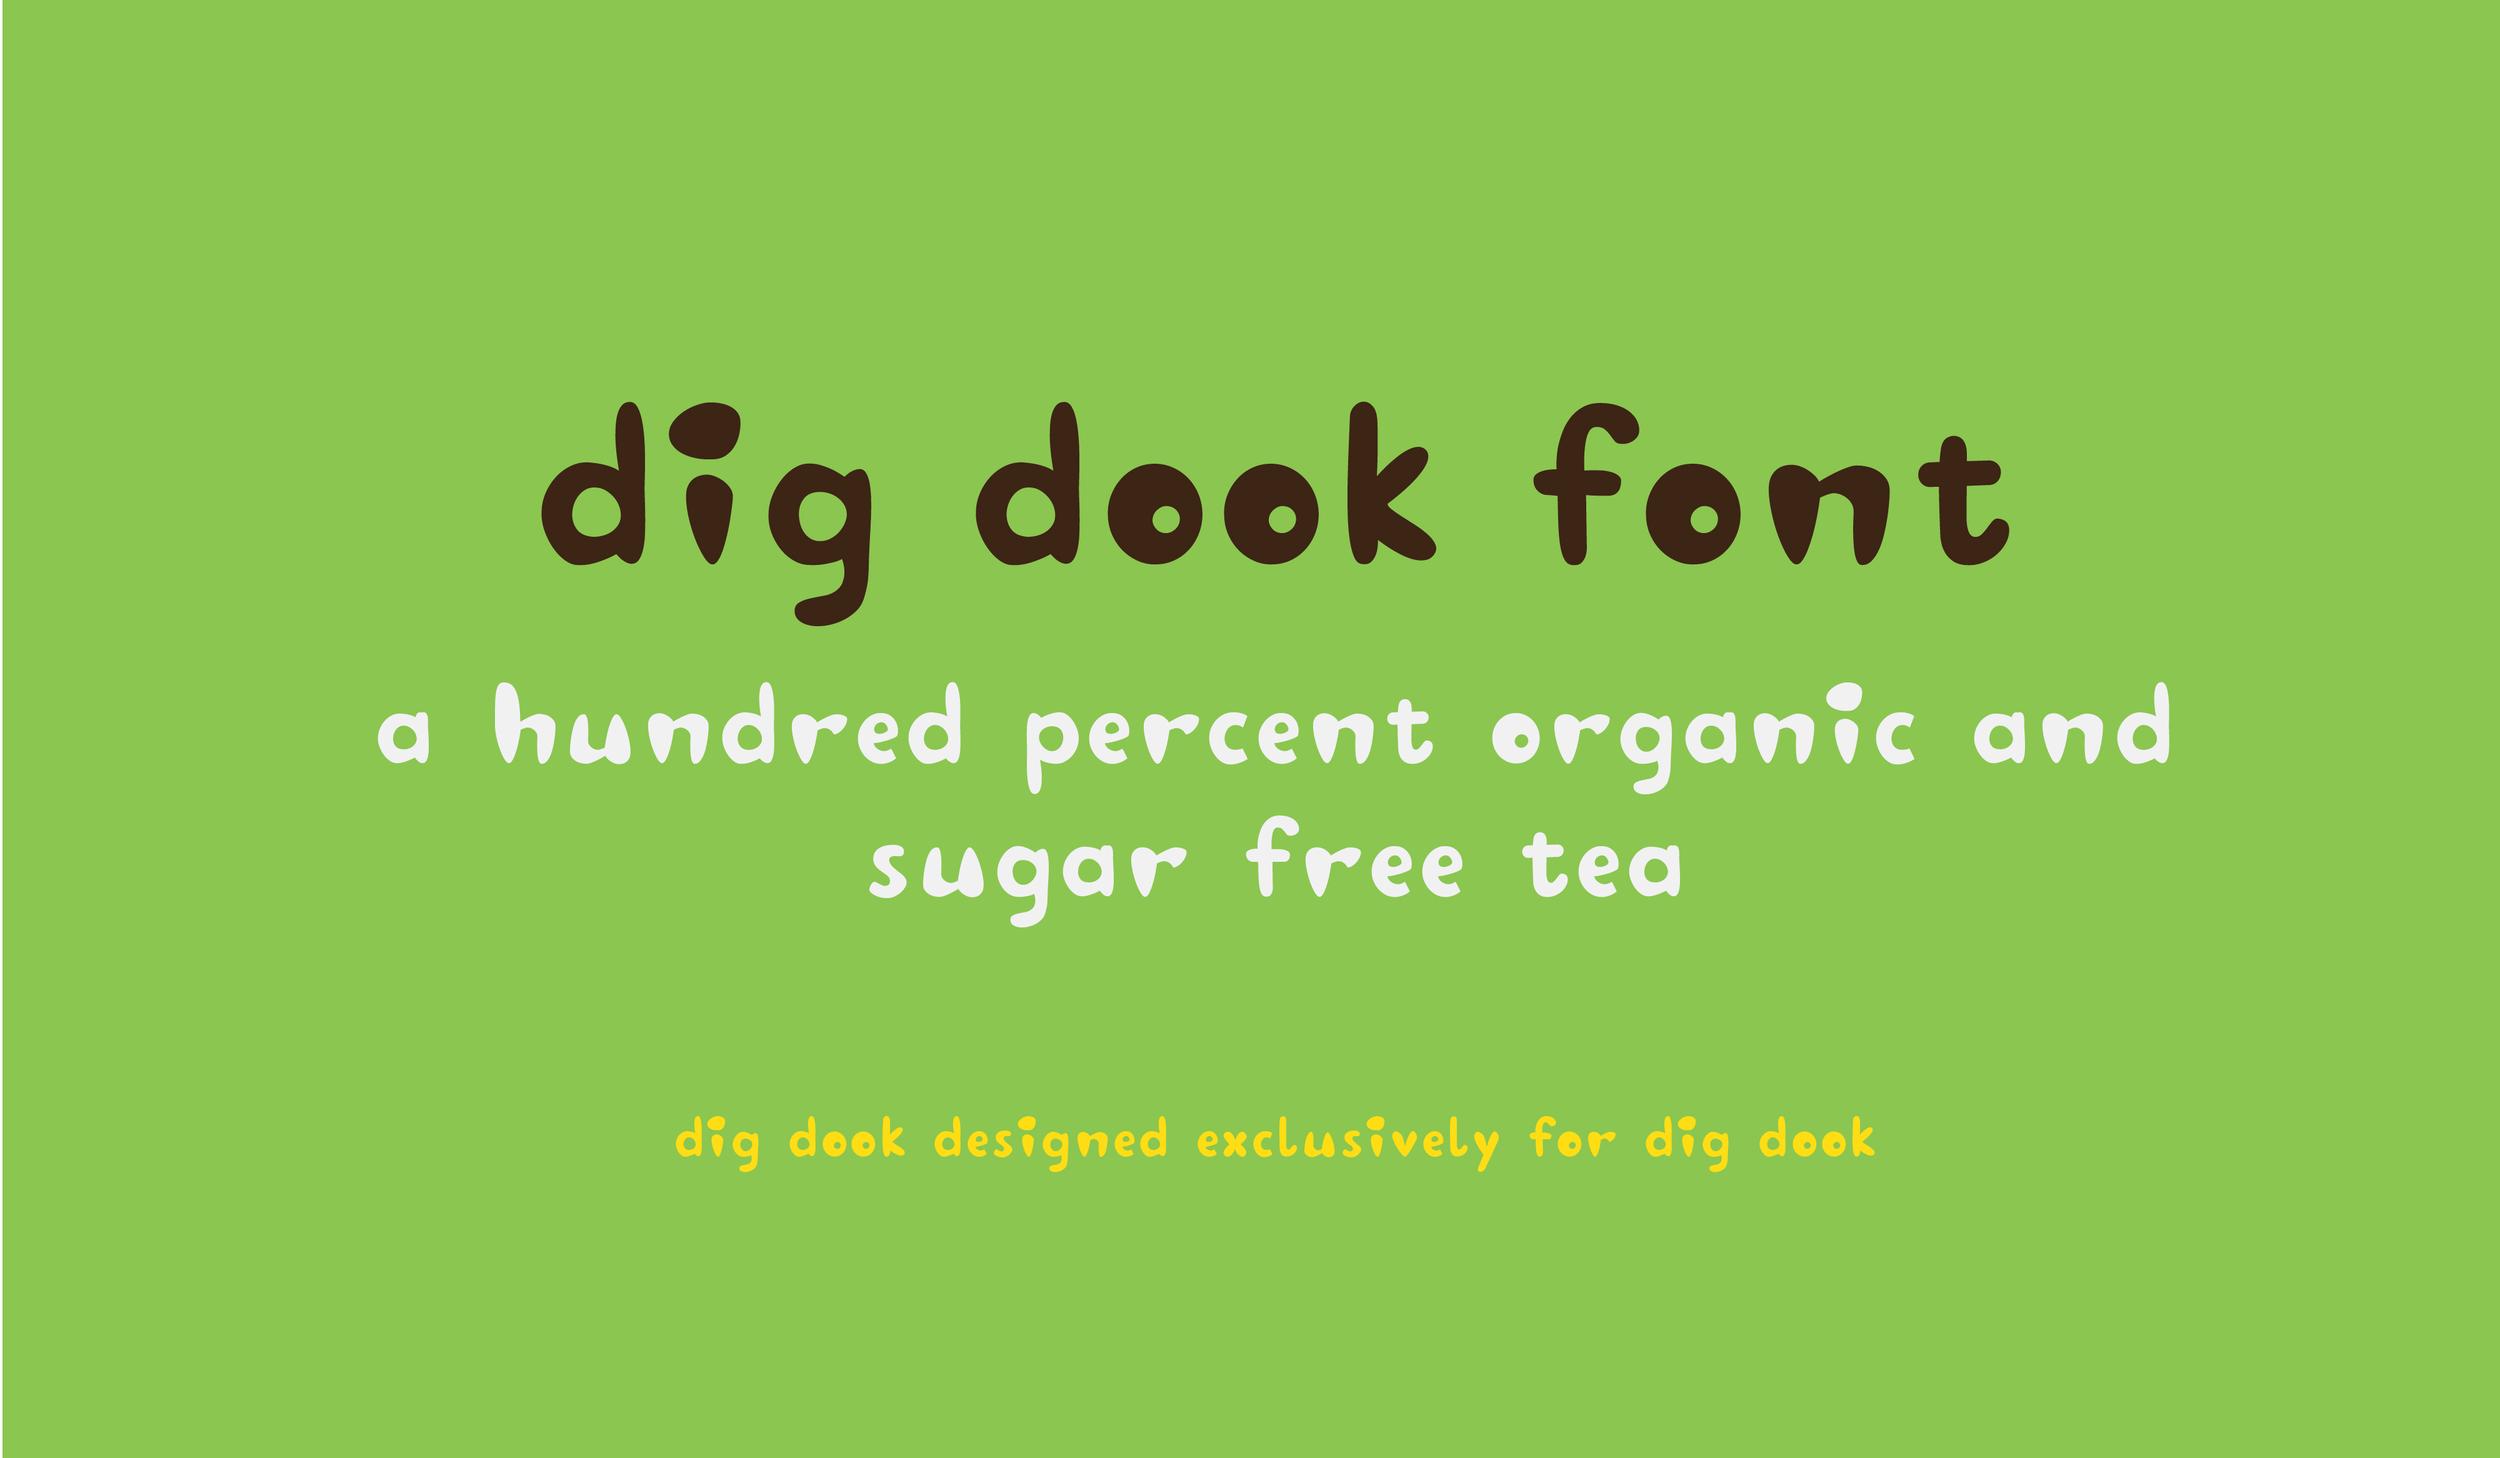 dig_dook_font.jpg